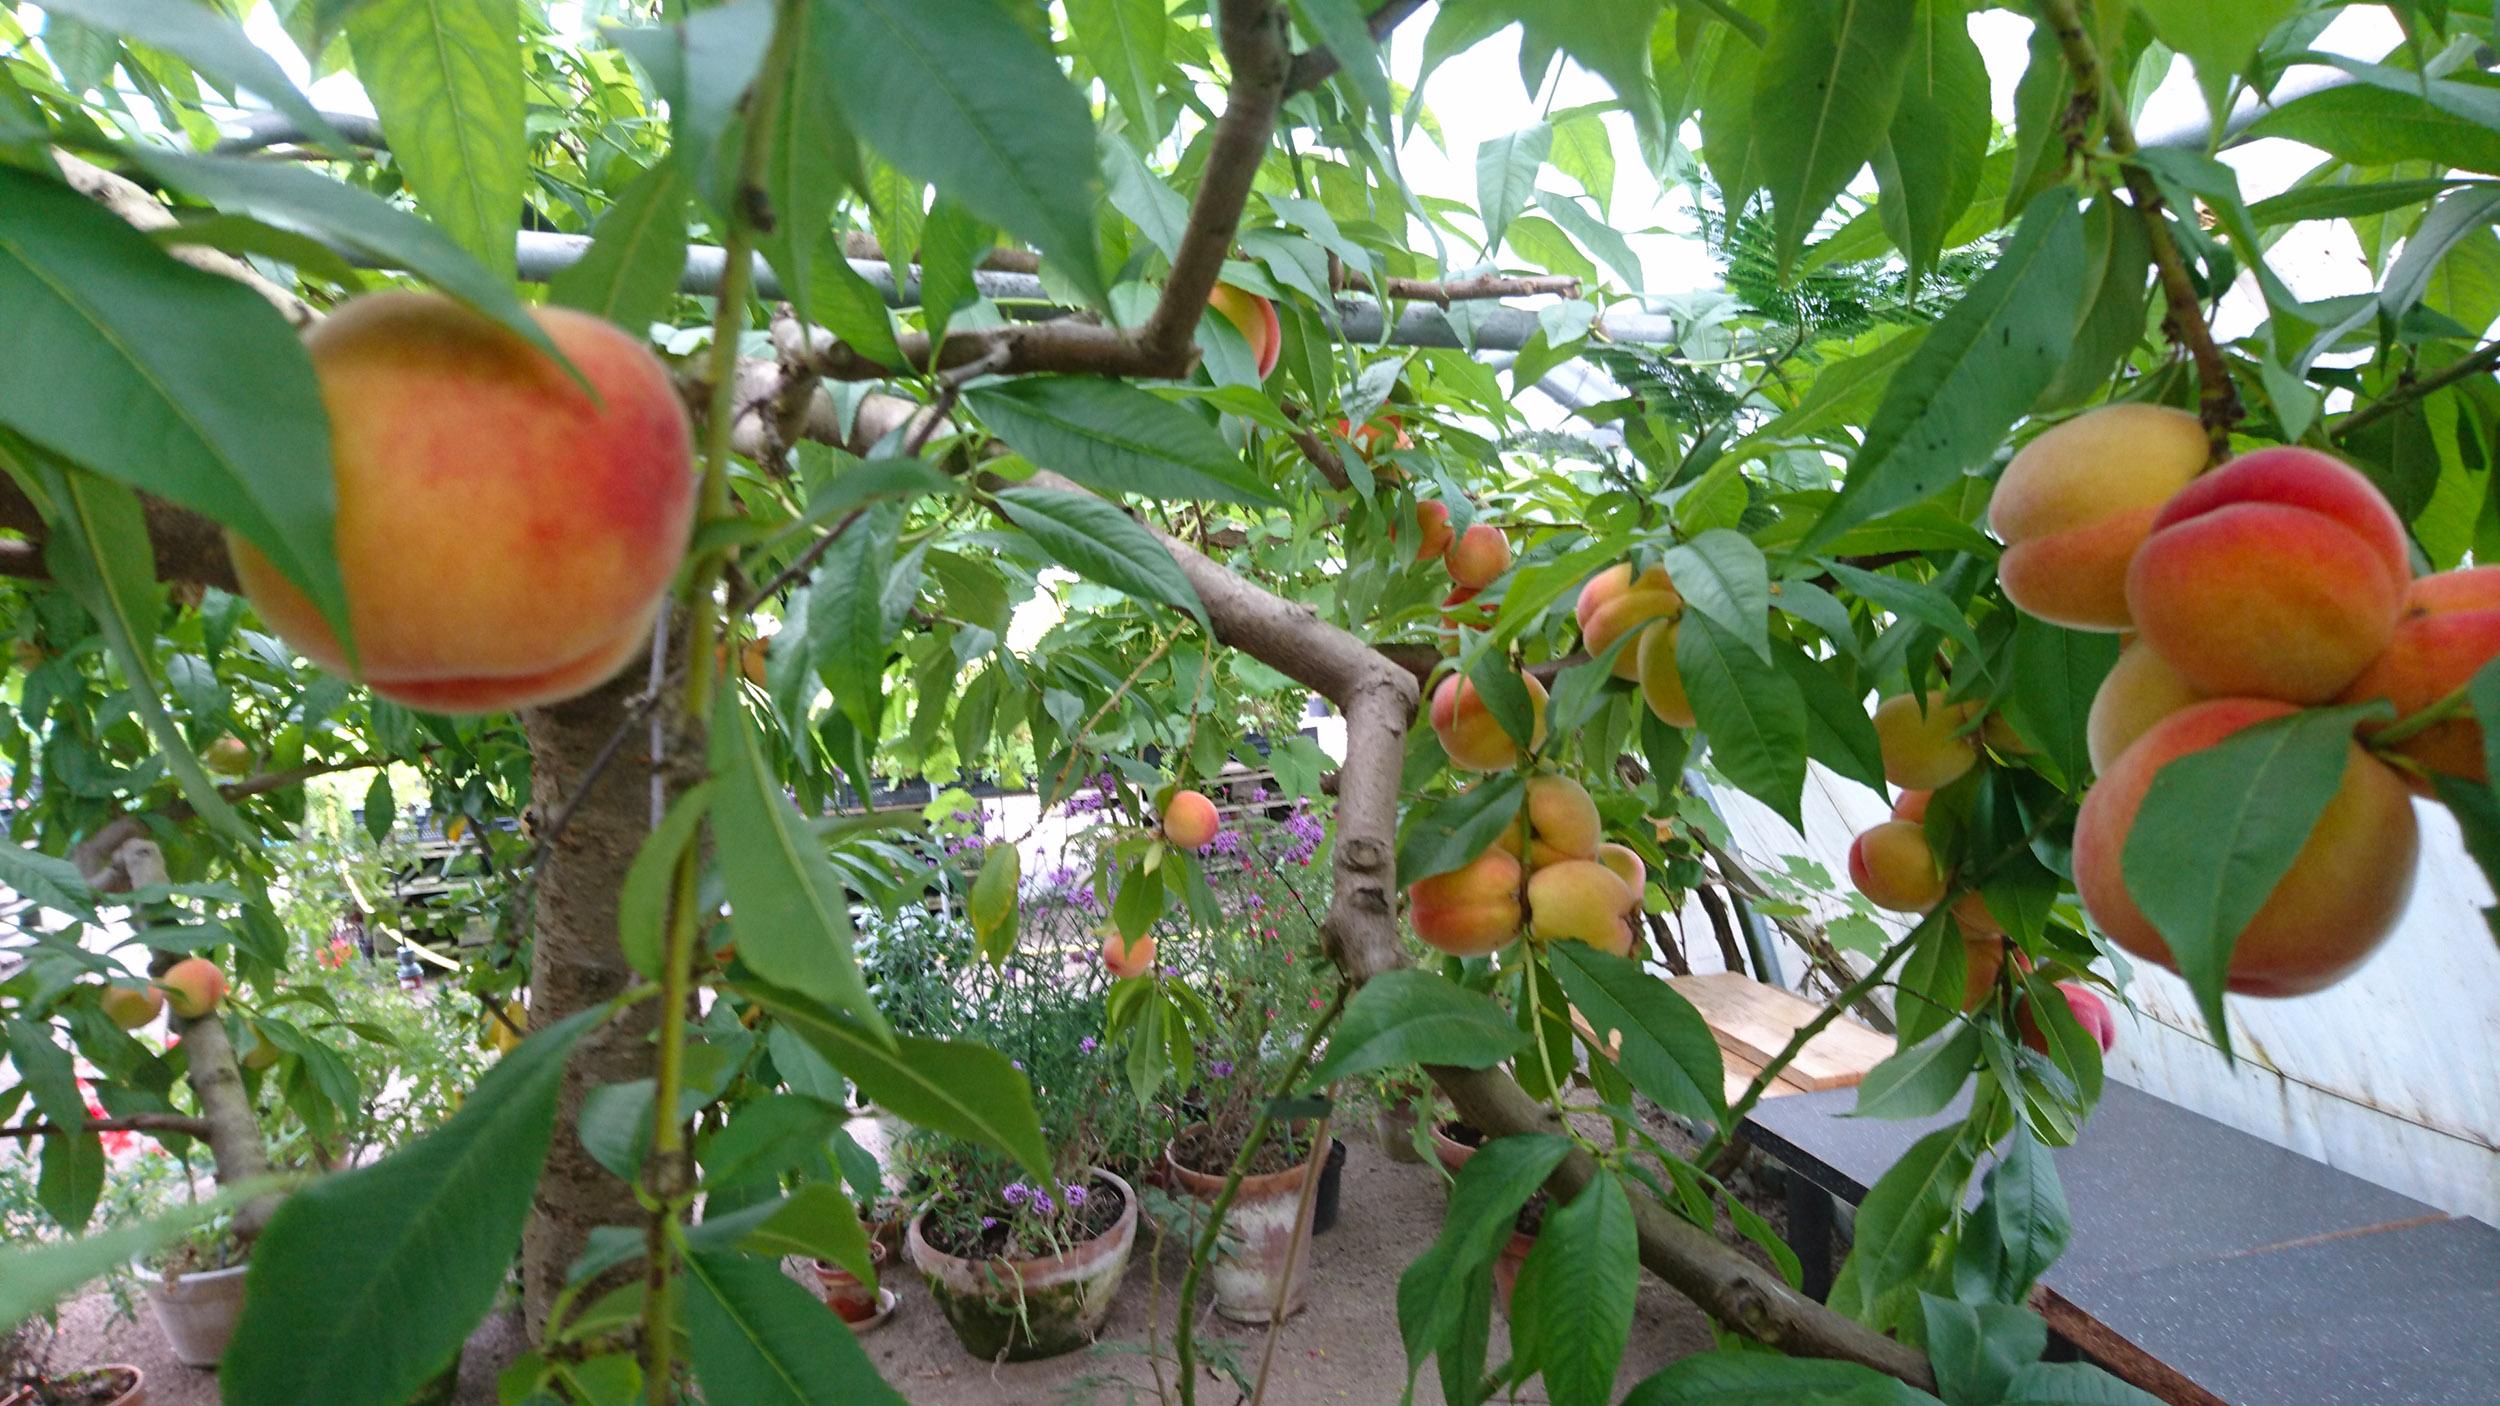 Persikorna dignar från persikoträden på Åbergs Trädgård och Café utanför Ystad.